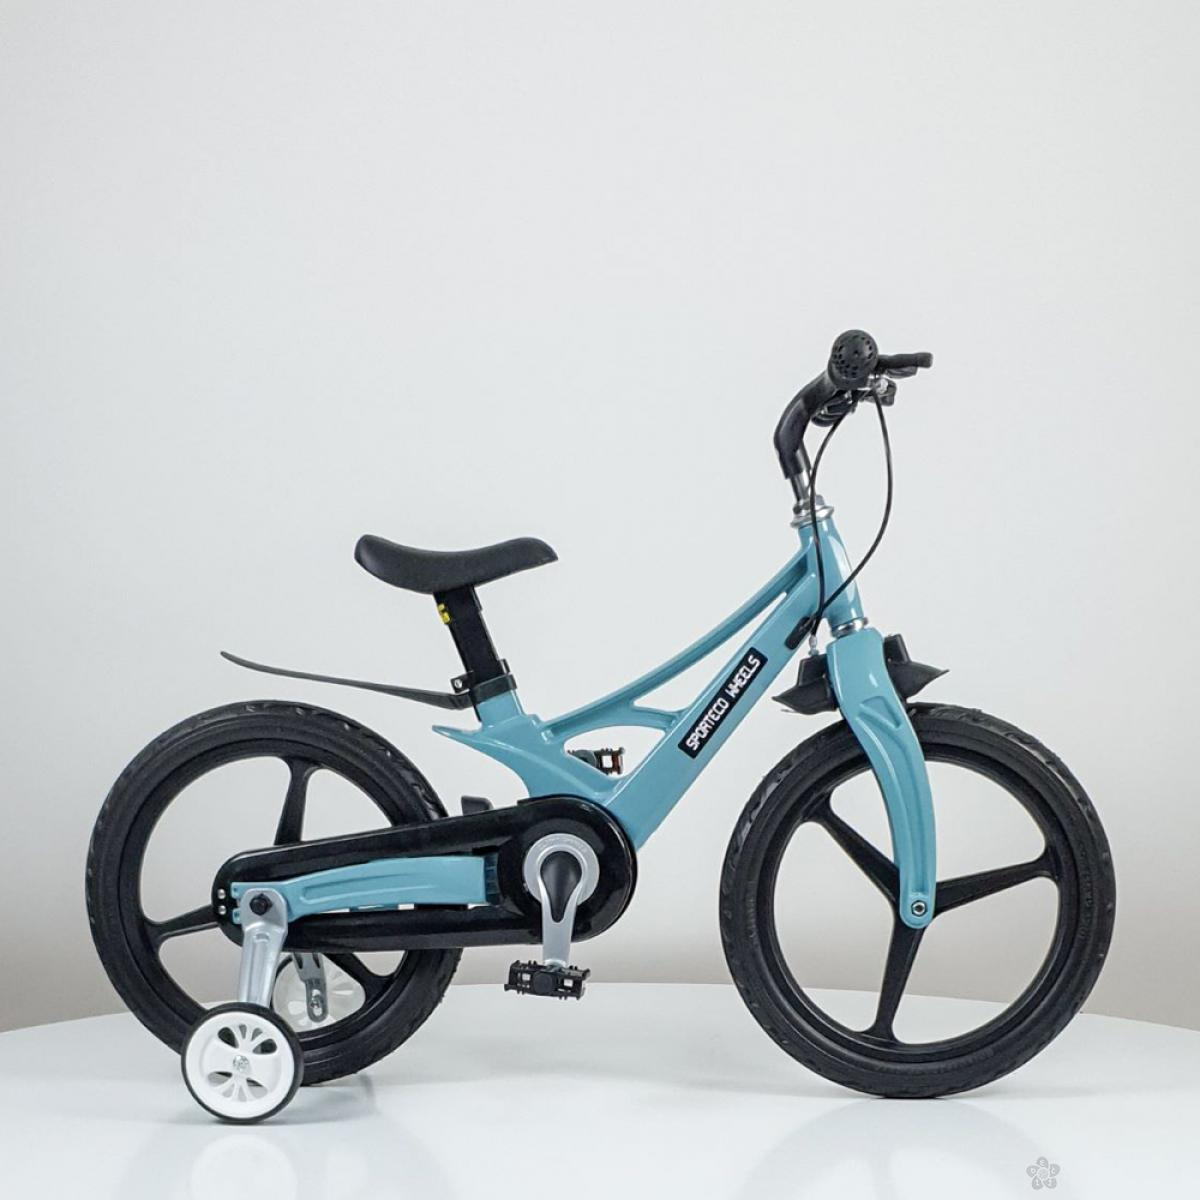 Bicikl Sporteco model 717-16  PLAVI